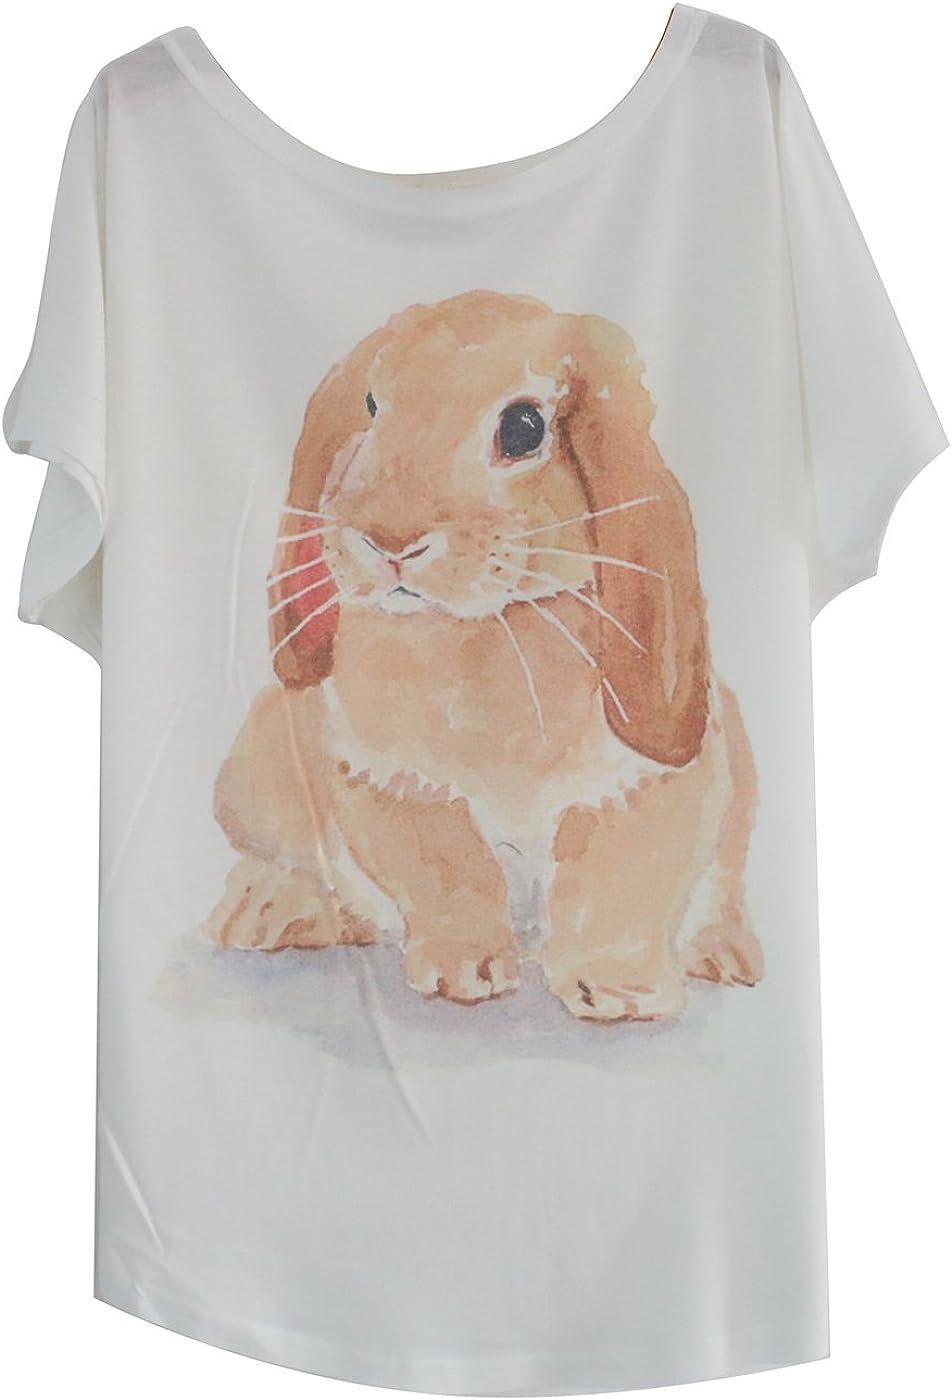 TALLA Talla única. Luna et Margarita Blanco Camiseta de algodón Manga del Batwing con Print Un tamaño para el tamaño 34 36 38 40 42